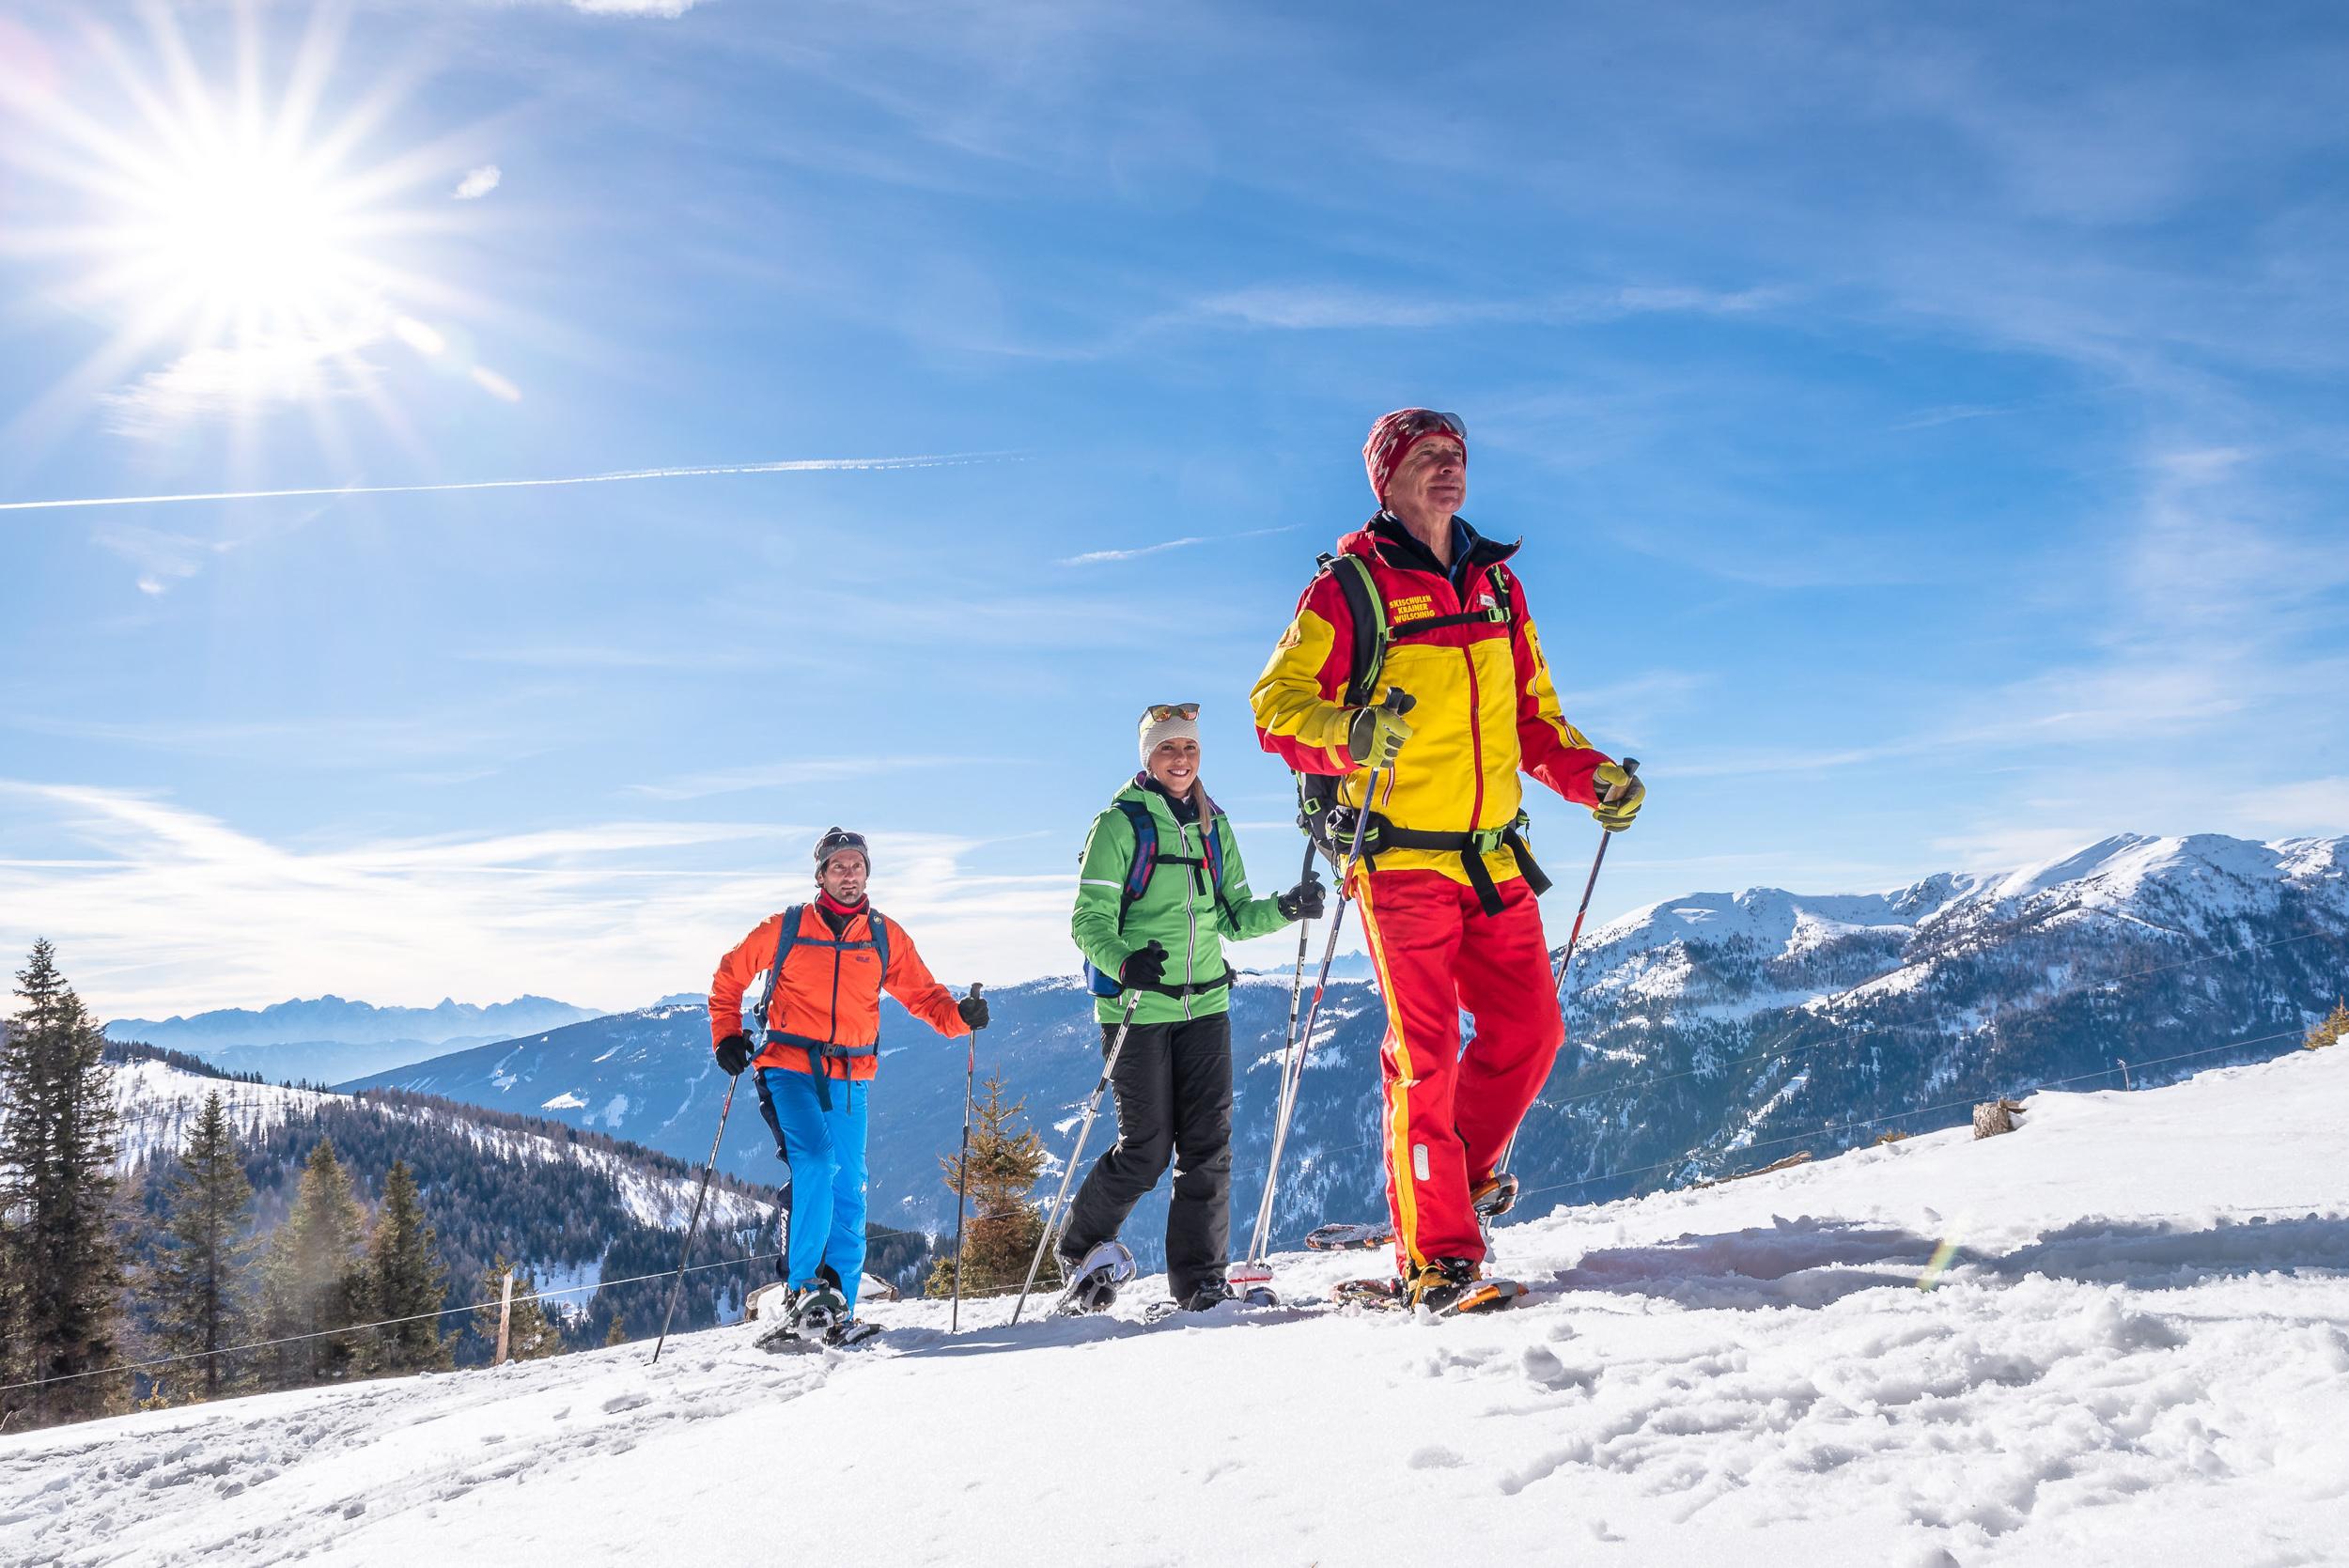 Schneeschuhwandern durch die Winterlandschaft in Bad Kleinkirchheim in Kärnten